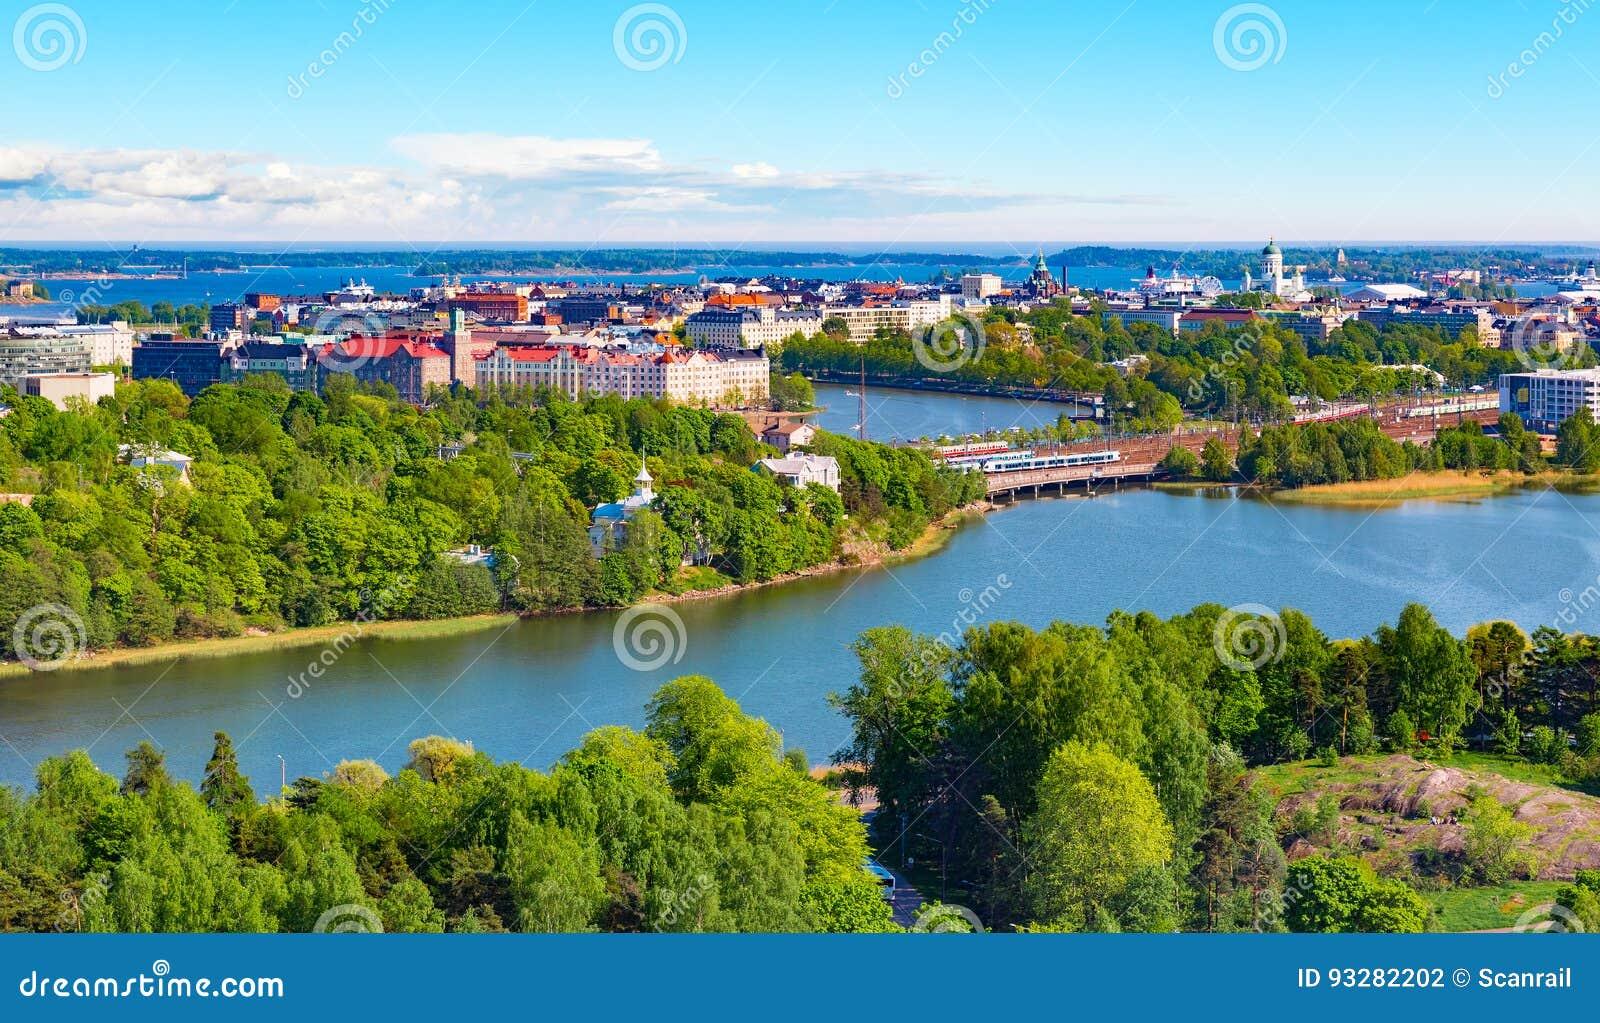 Εναέριο πανόραμα του Ελσίνκι, Φινλανδία